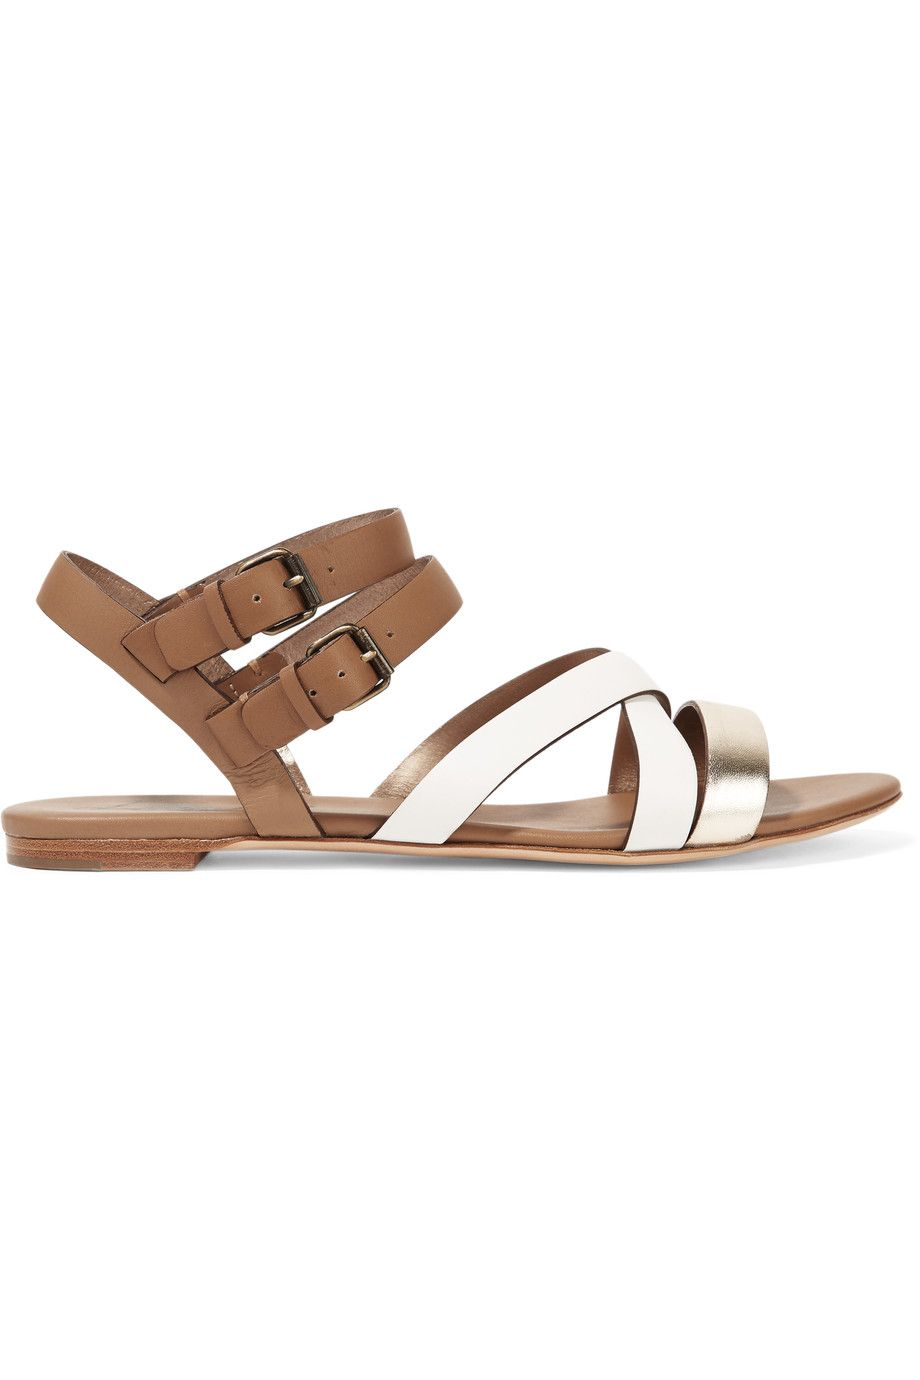 LANVIN Two-Tone Leather Sandals. #lanvin #shoes #sandals